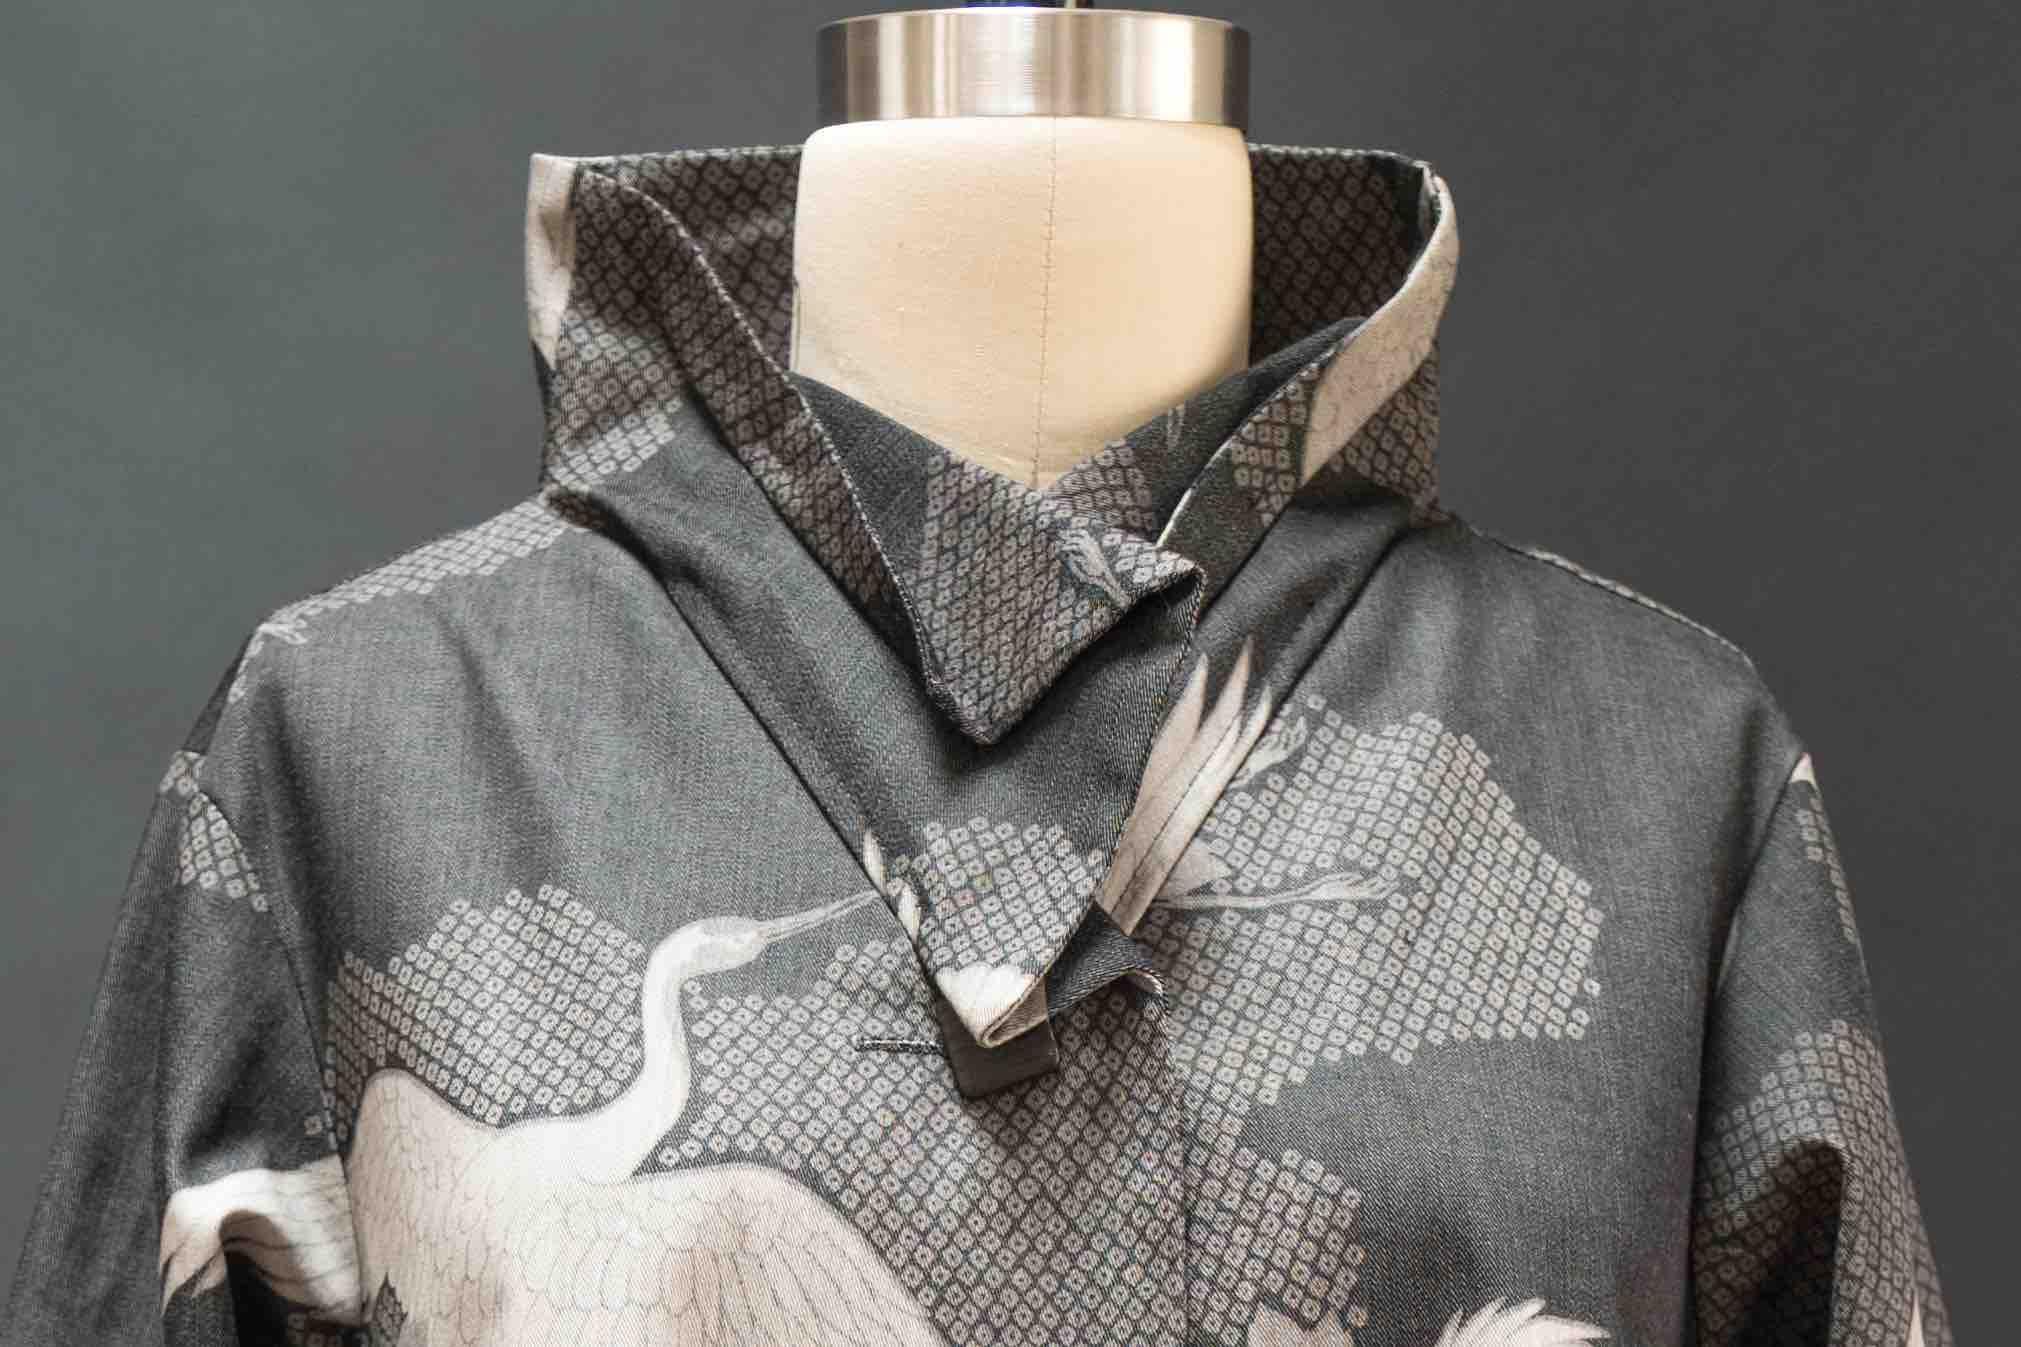 Vogue Patterns fashion designer Marcy Tilton shares sewing tips for her Duster Coat design V9352.